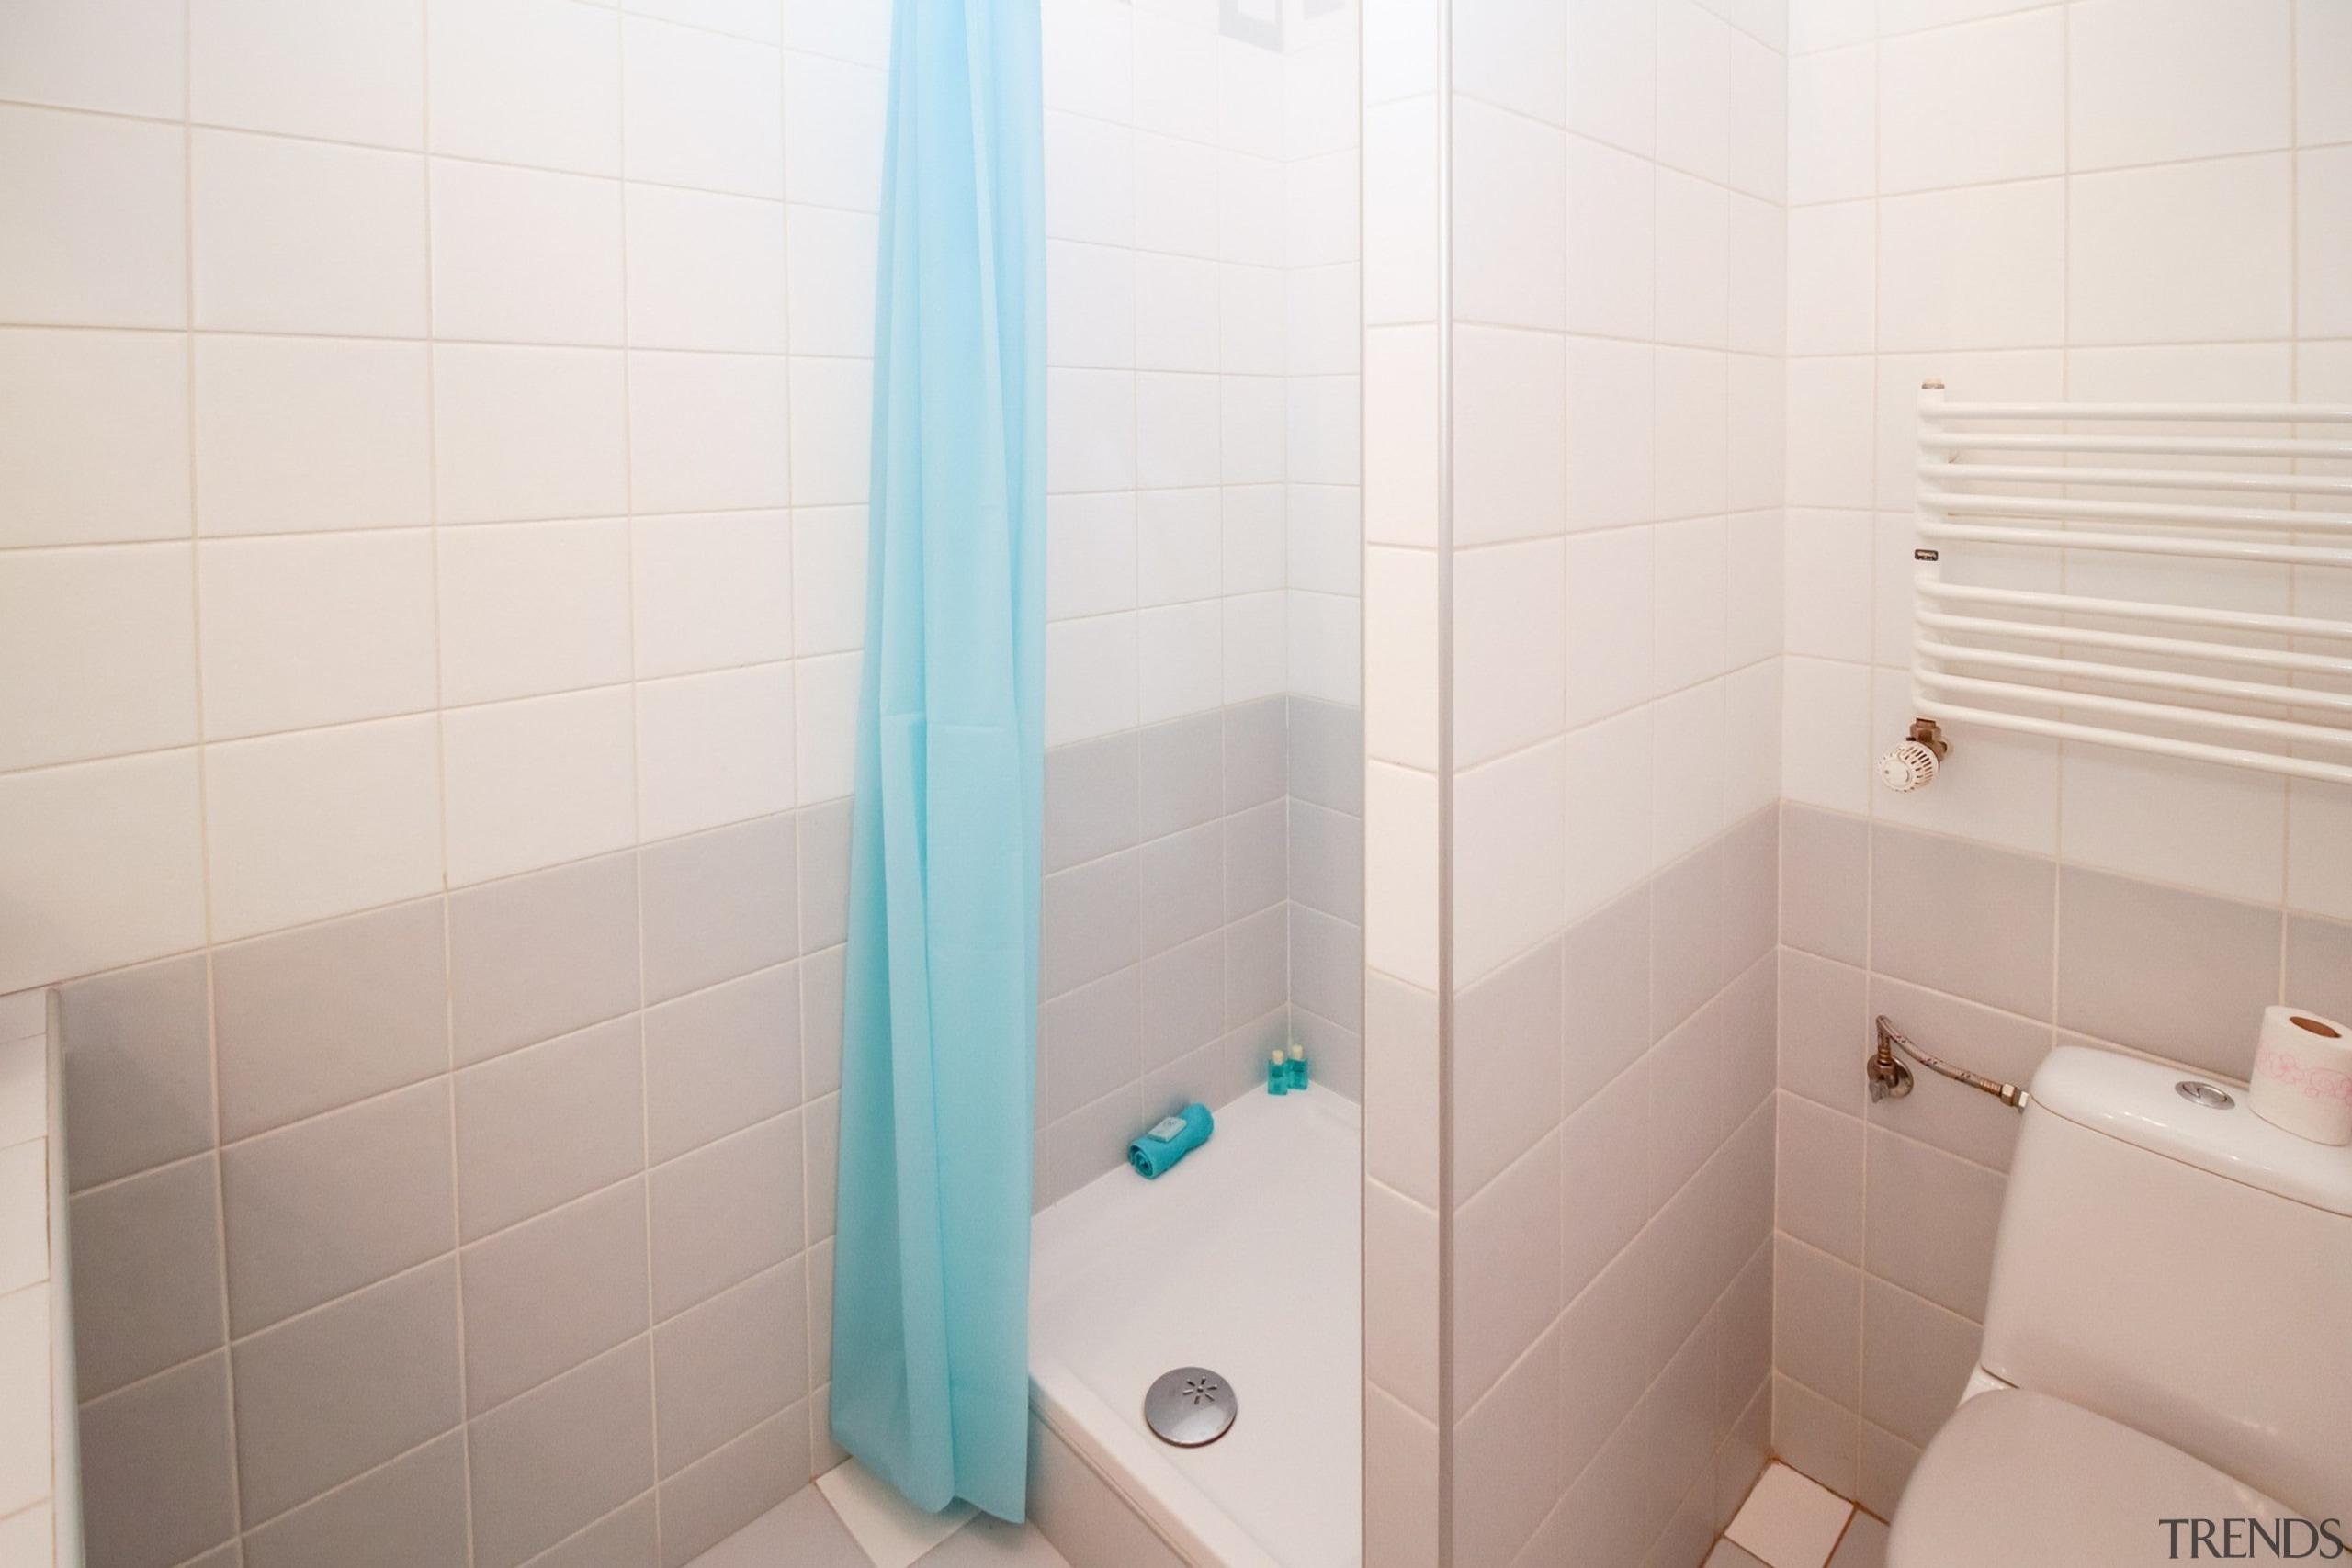 Need to overhaul your student bathroom? - Need bathroom, floor, flooring, plumbing fixture, property, room, tile, white